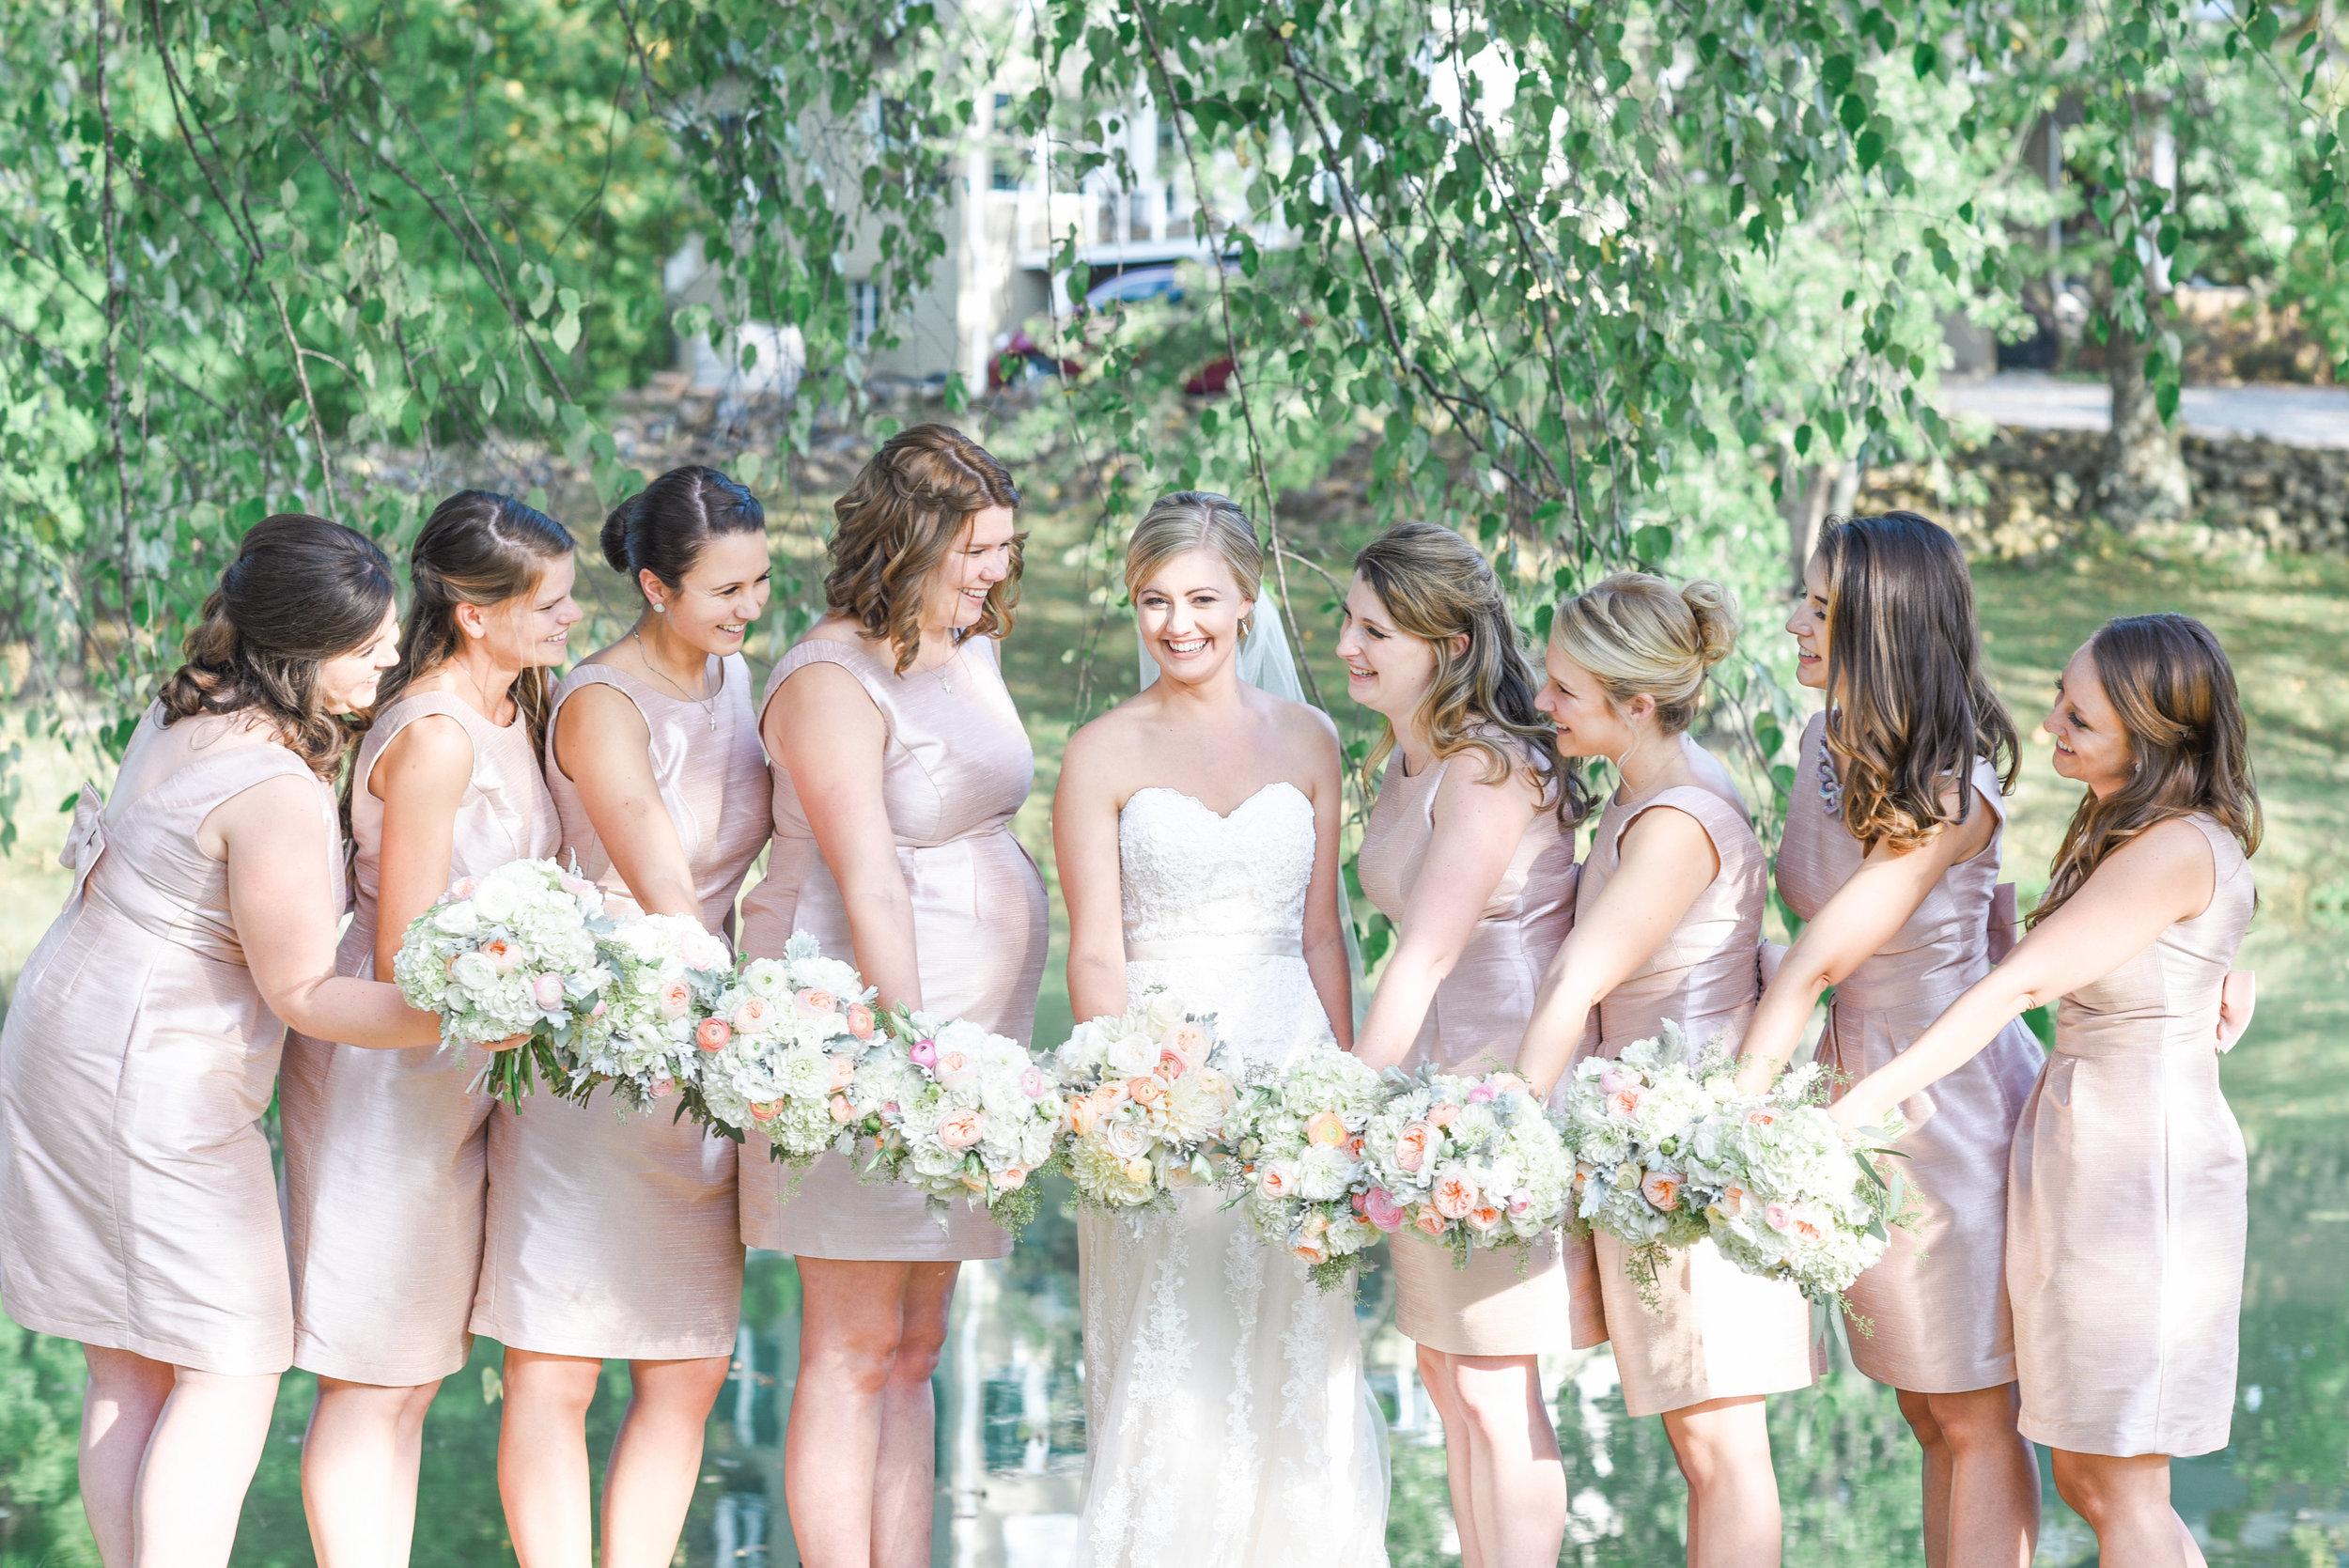 Jake Anna wedding day-Anna bridesmaids-0007.jpg